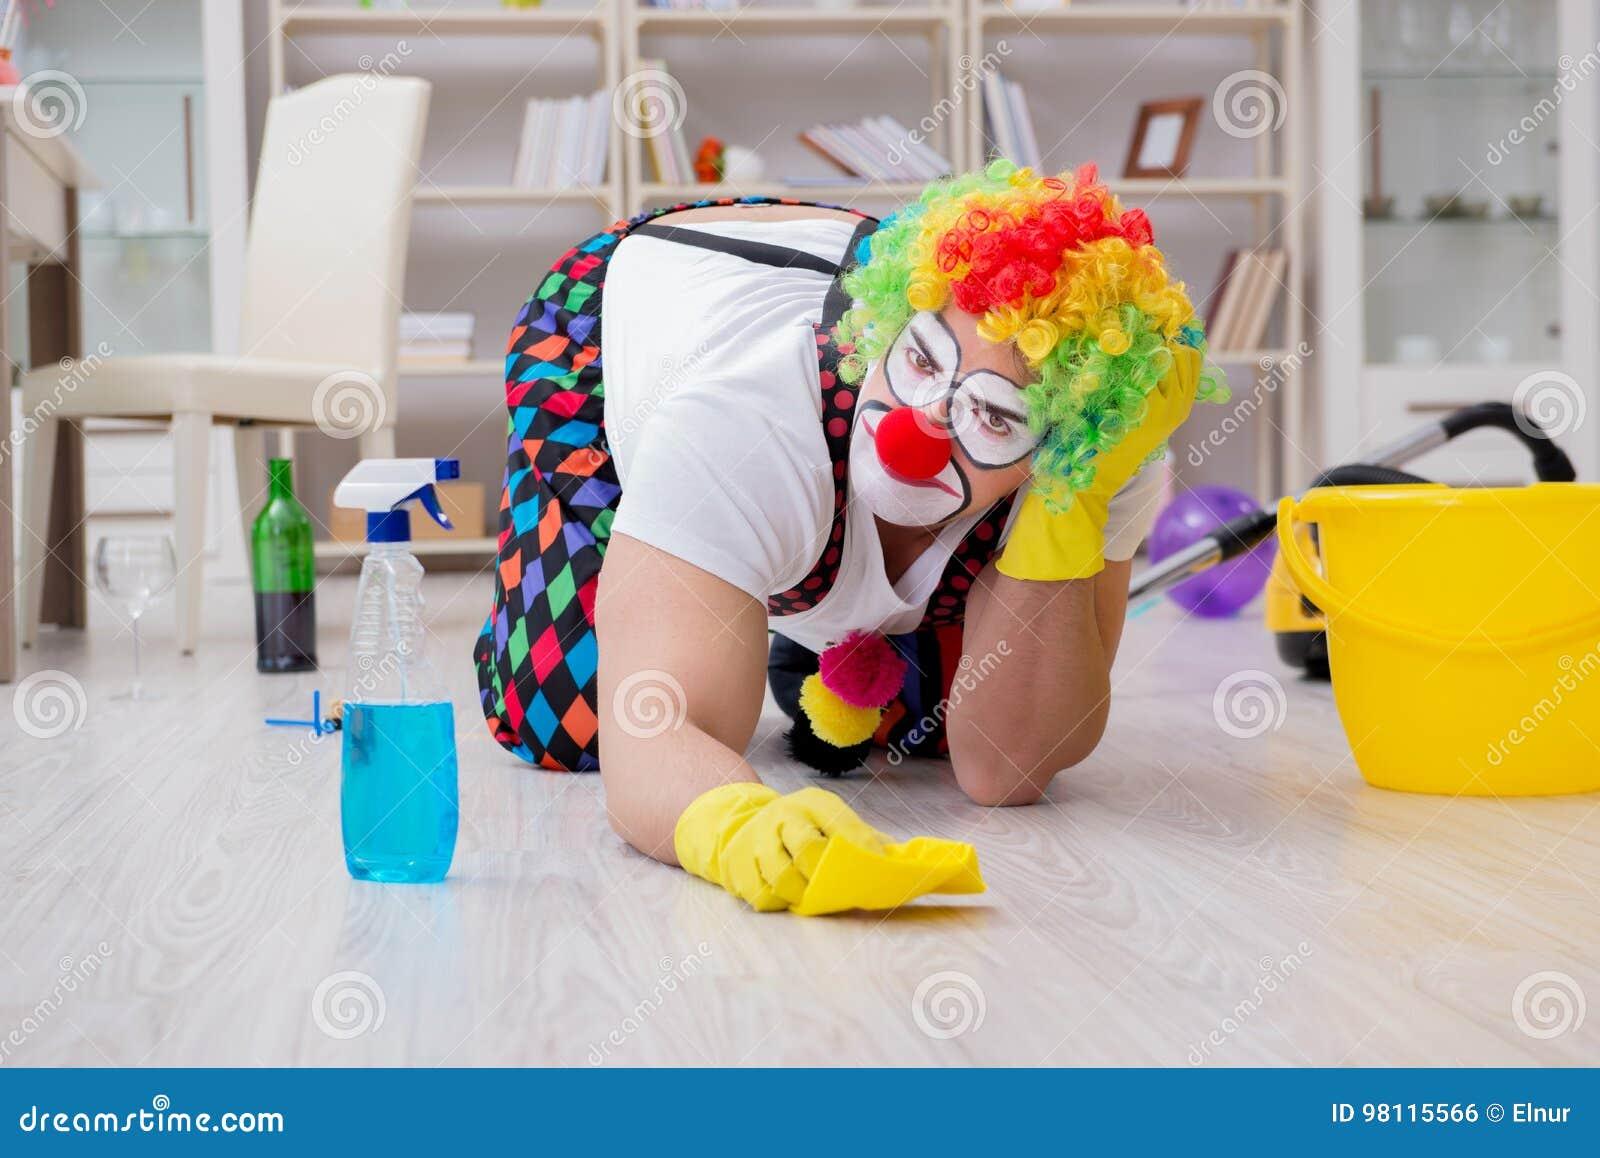 Den roliga clownen som gör att göra ren hemma